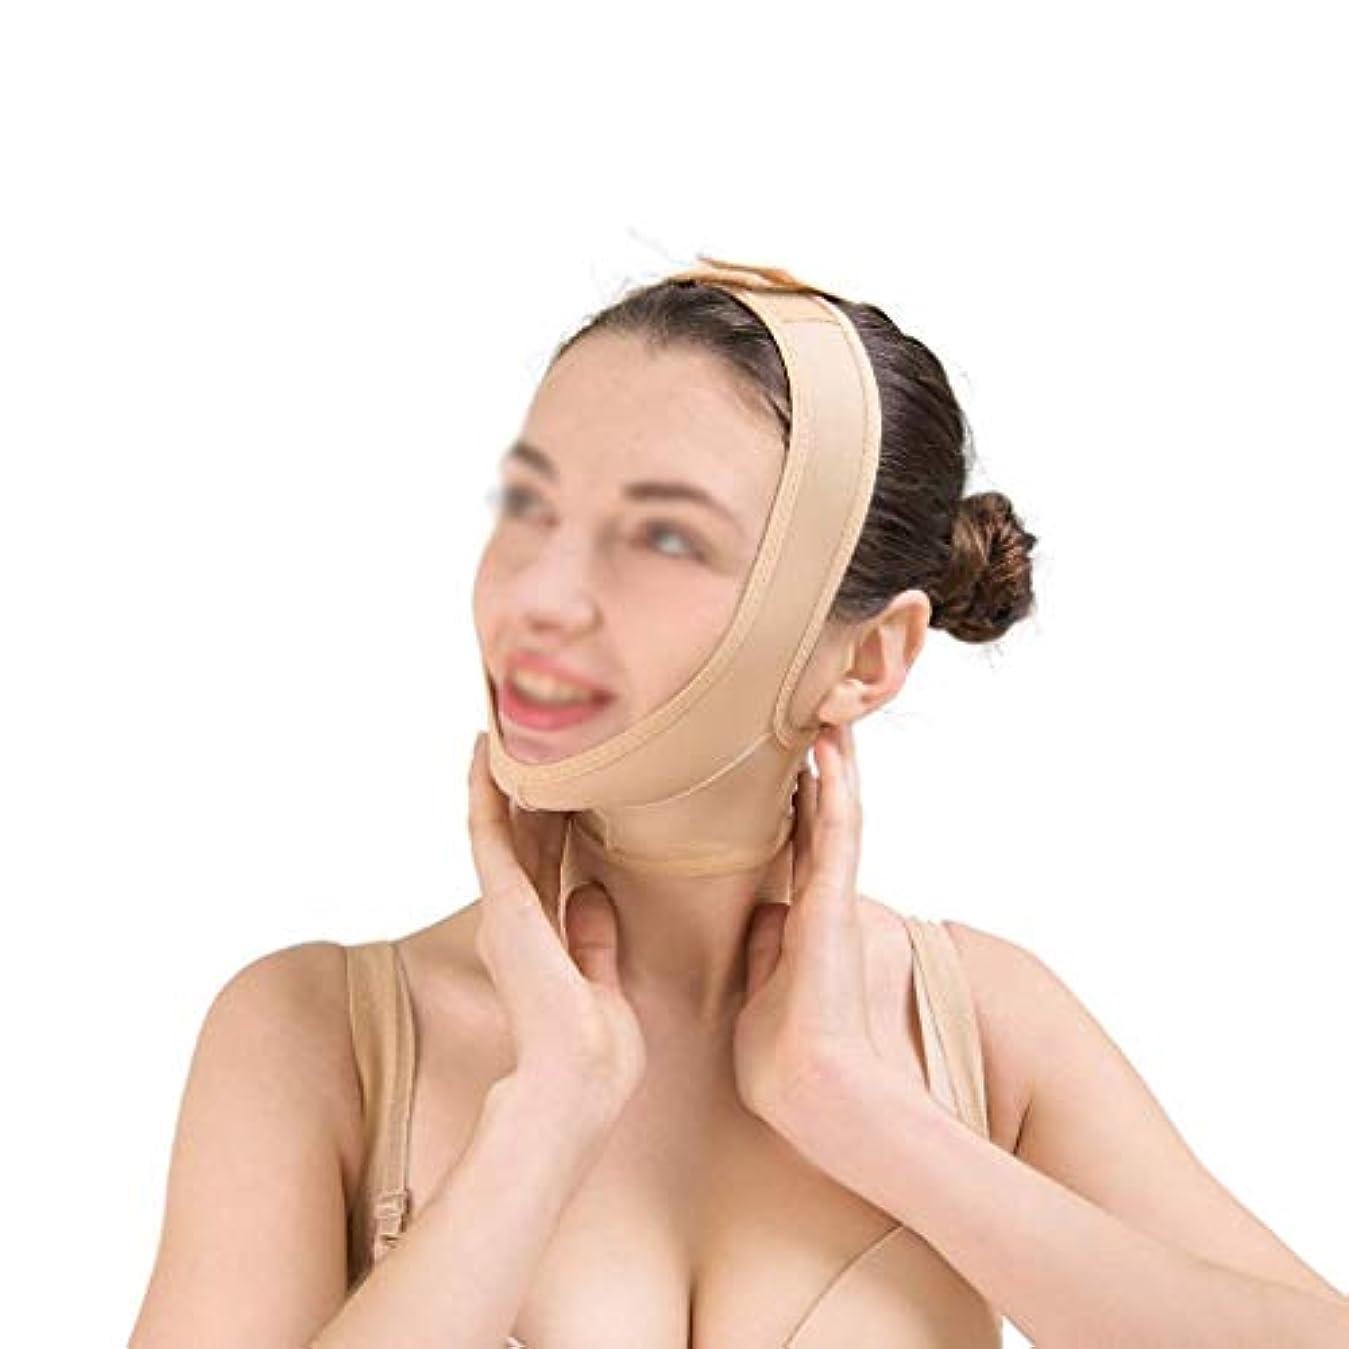 実行謝罪マリンダブルチンストラップ、包帯の持ち上げ、肌の包帯の持ち上げと引き締め フェイスマスク、快適で 顔の持ち上がるマスク(サイズ:S),XL